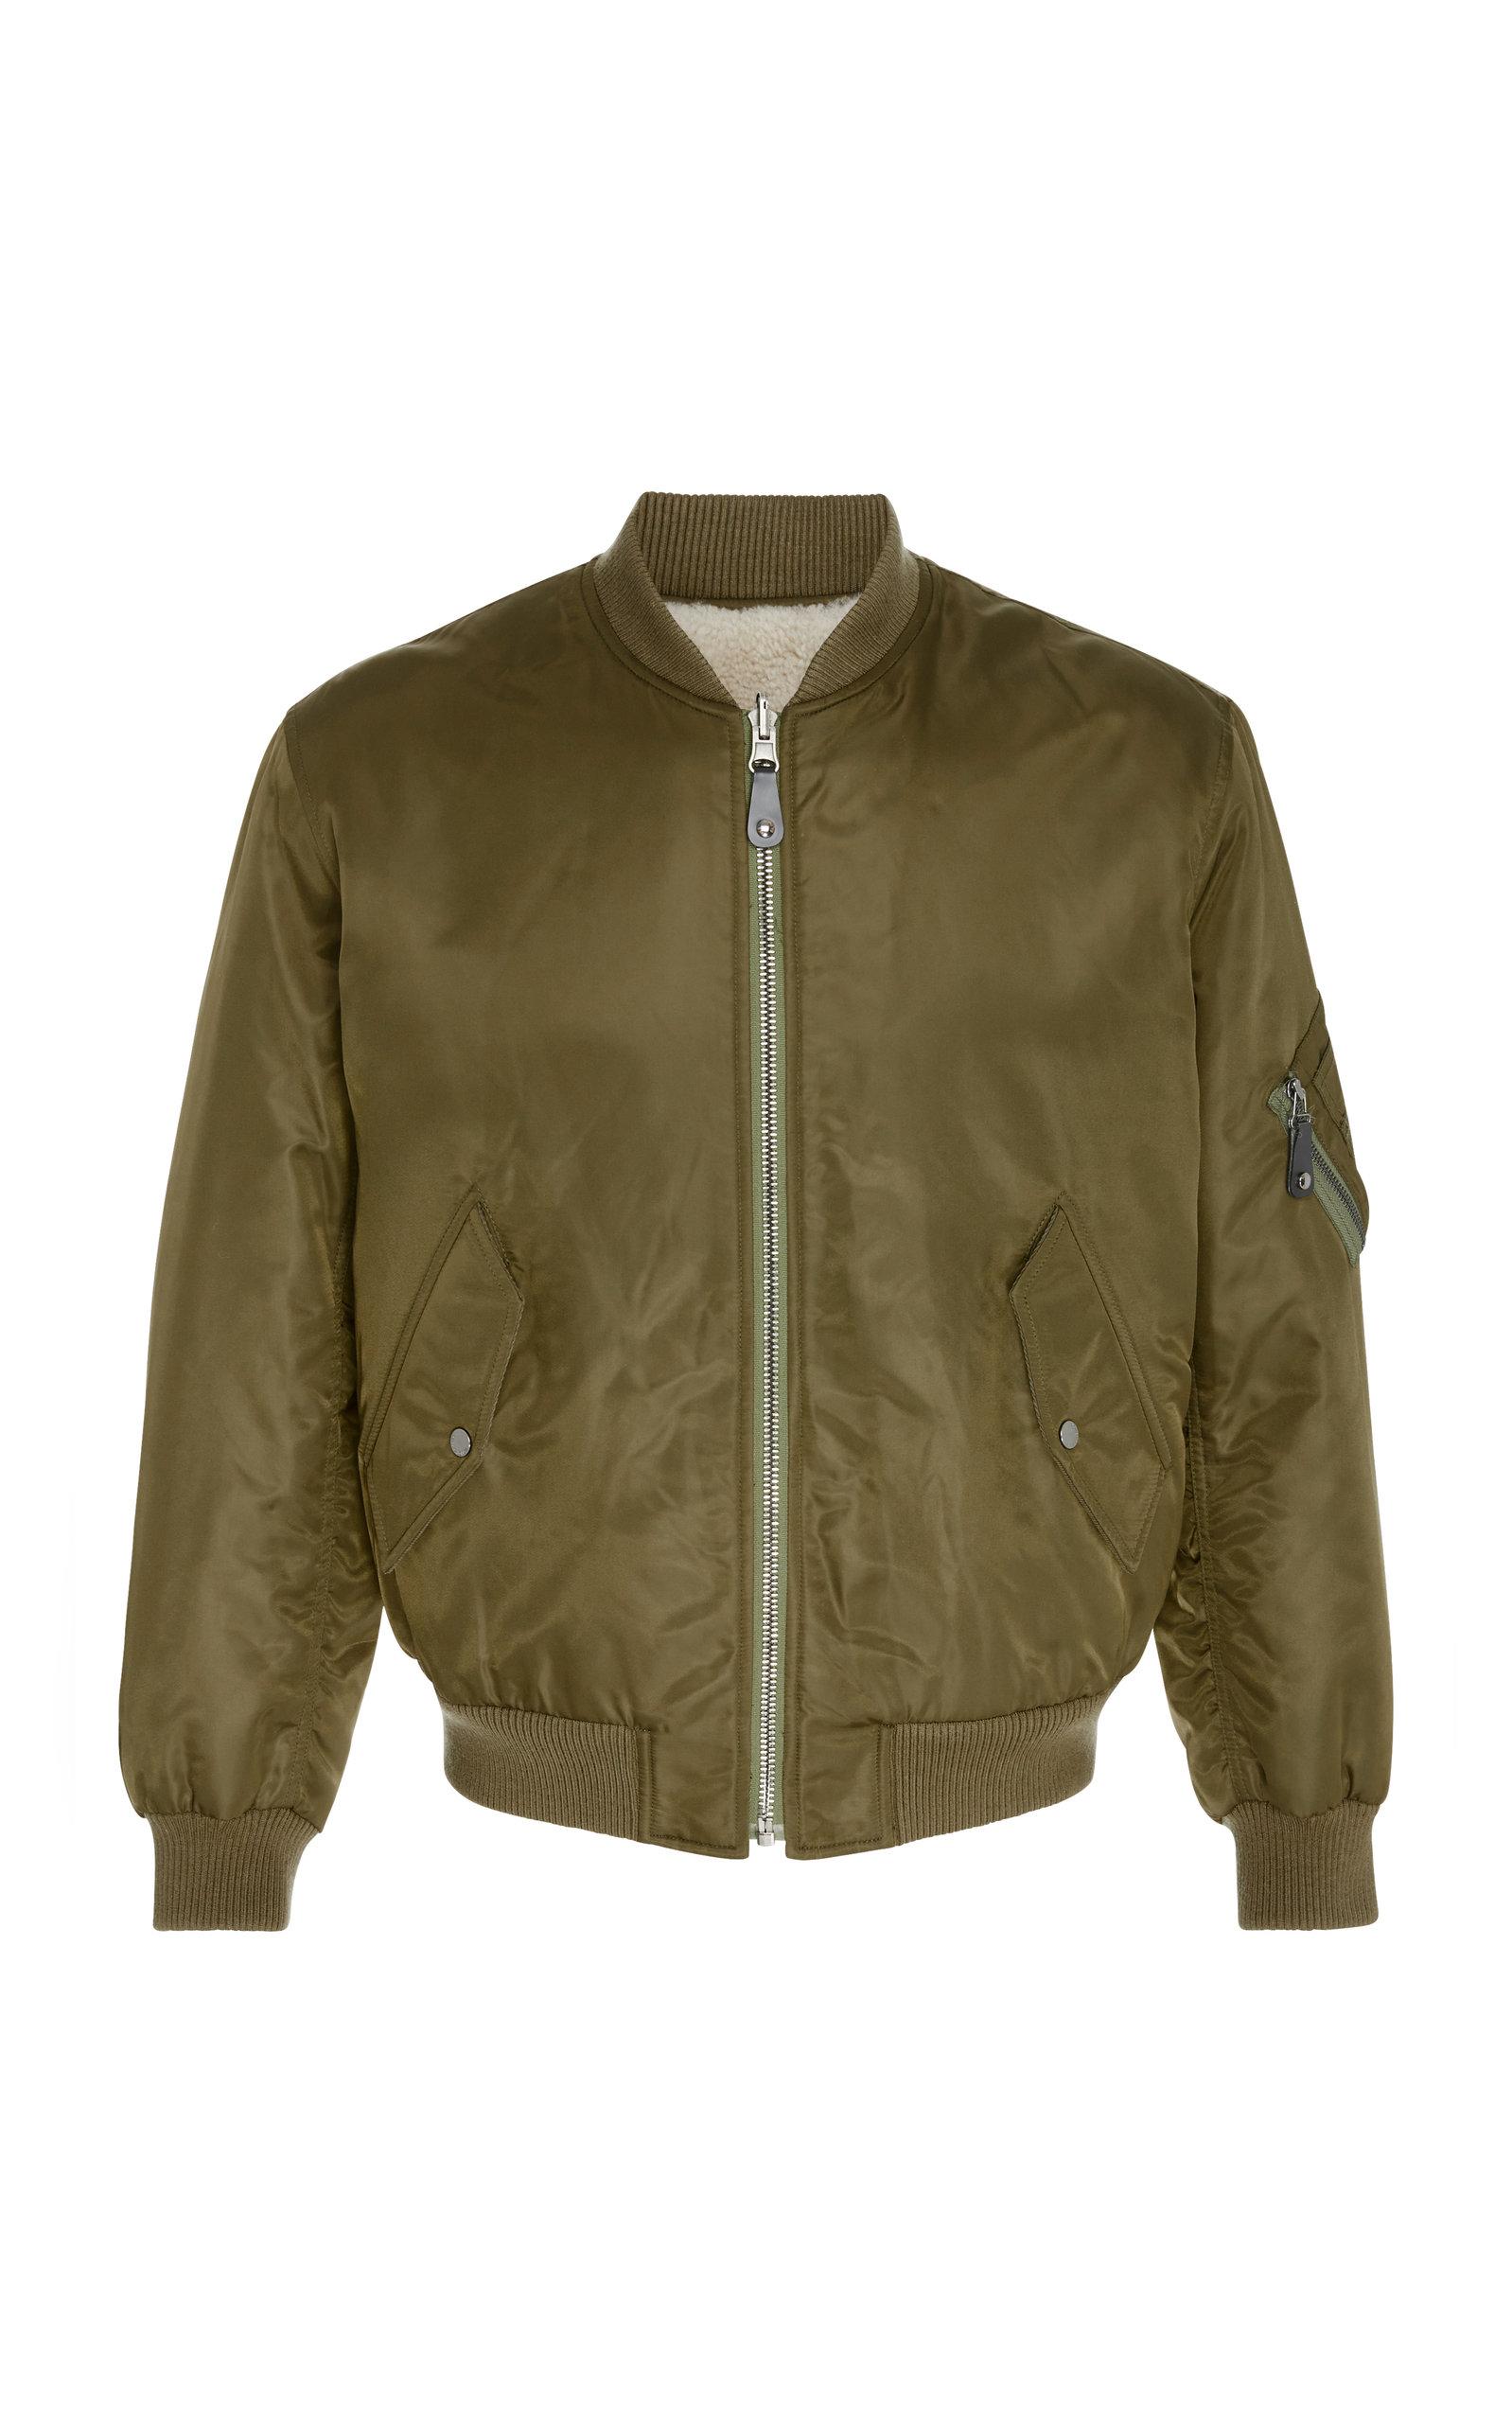 Jacket Salomon Atuwu Bomber Yves Tech Shearling OUxwfUaq4